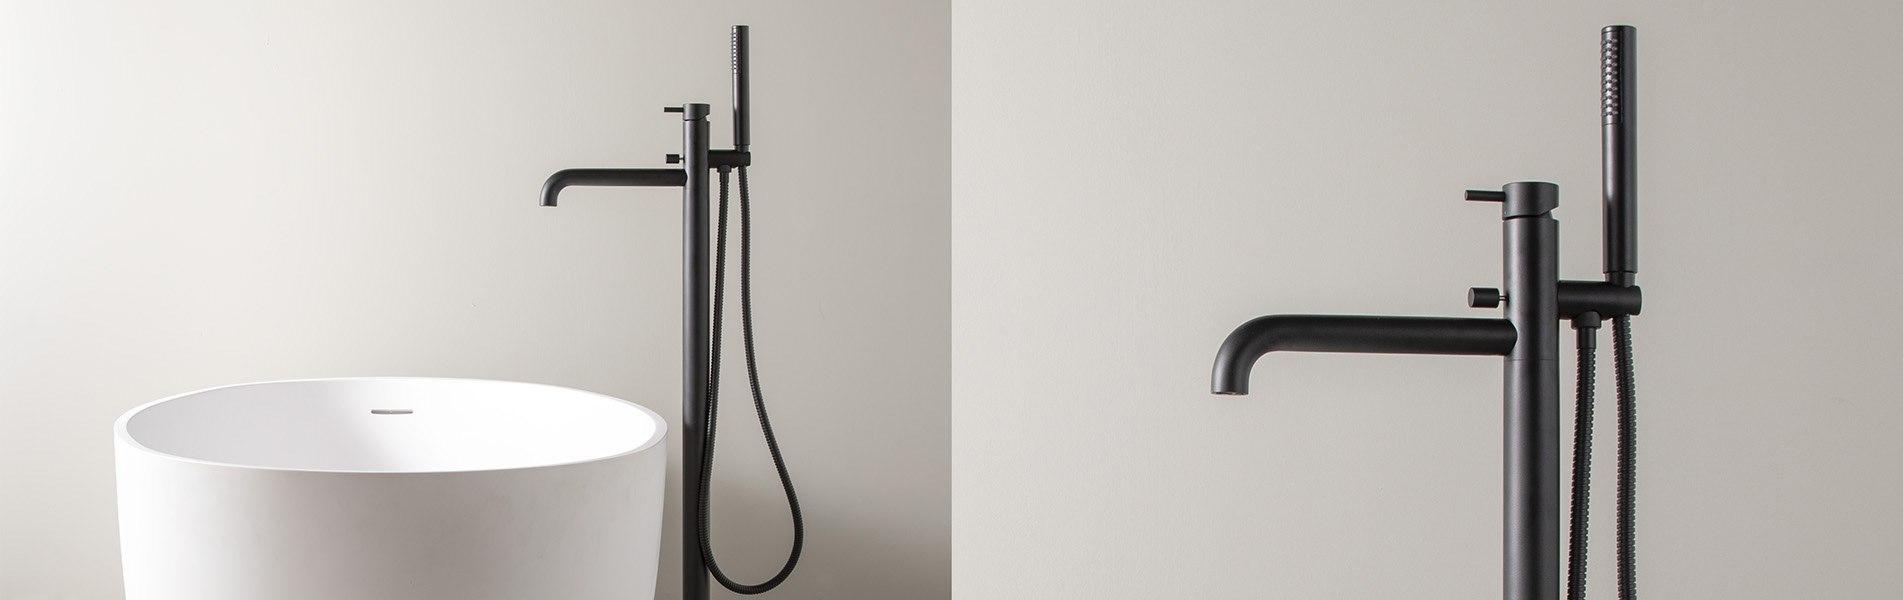 Zwarte Kraan Keuken.Mat Zwarte Kranen Voor Badkamers En Keukens Moderne Design Zwarte